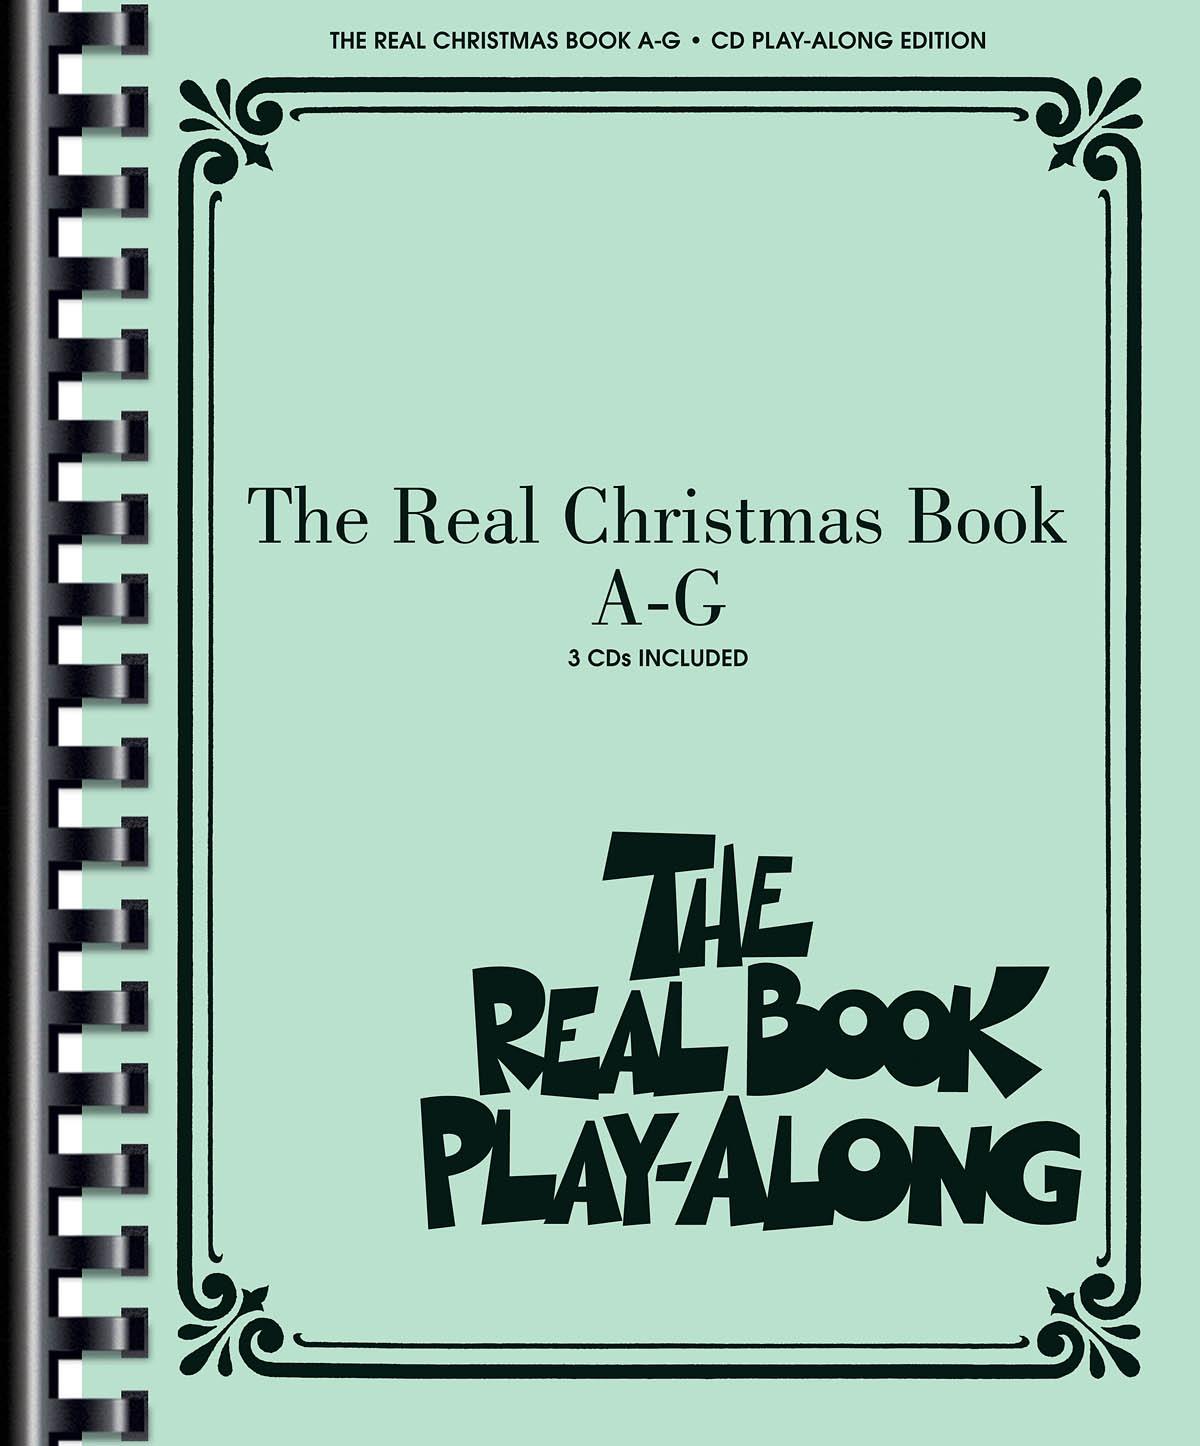 Real Christmas Play-Along A-G